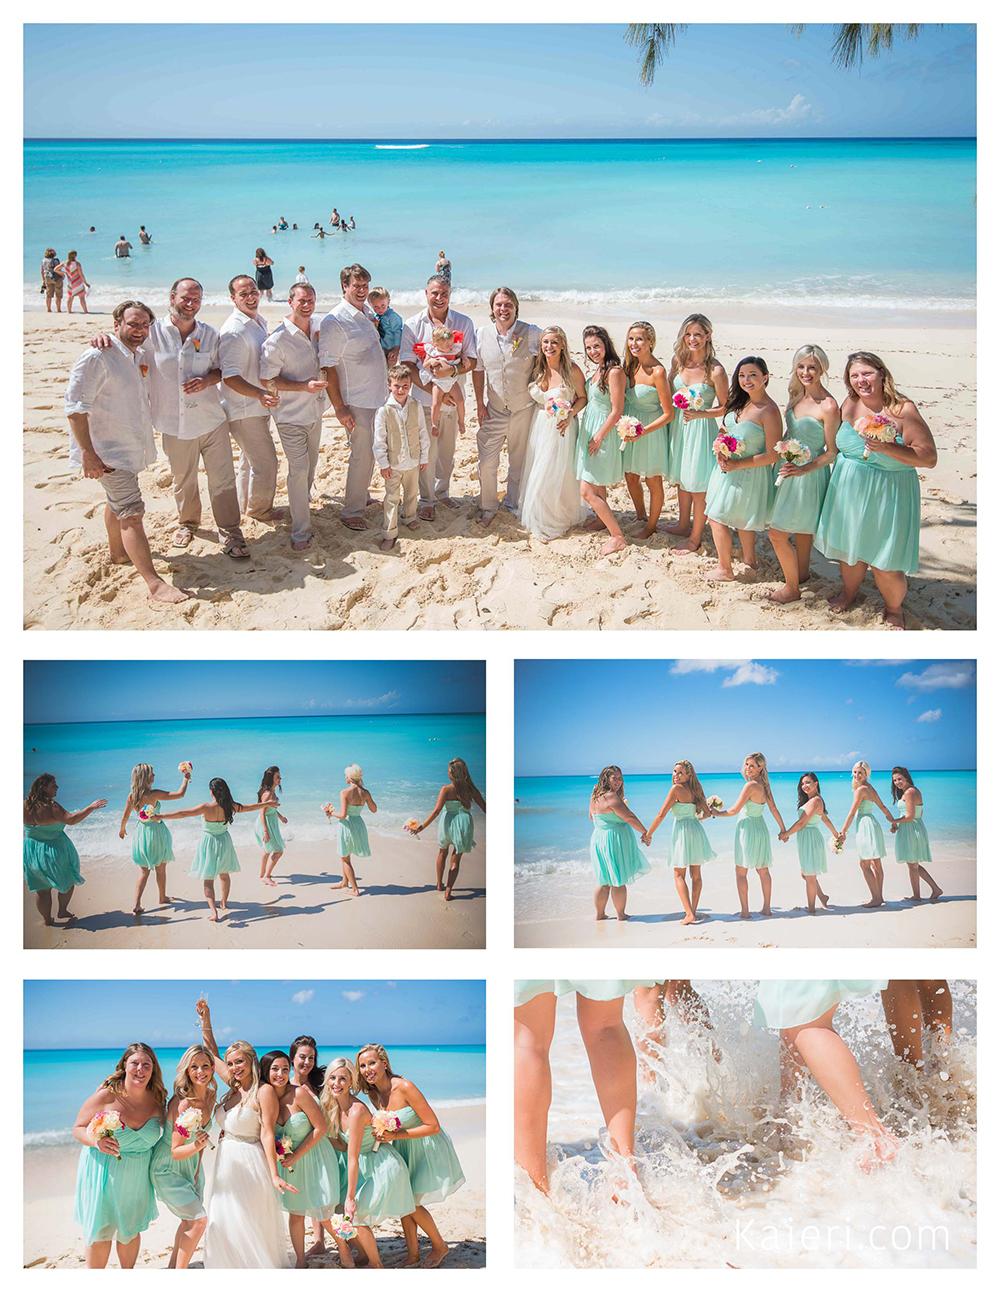 Osprey Beach Hotel Grand Turk The Best Beaches In World